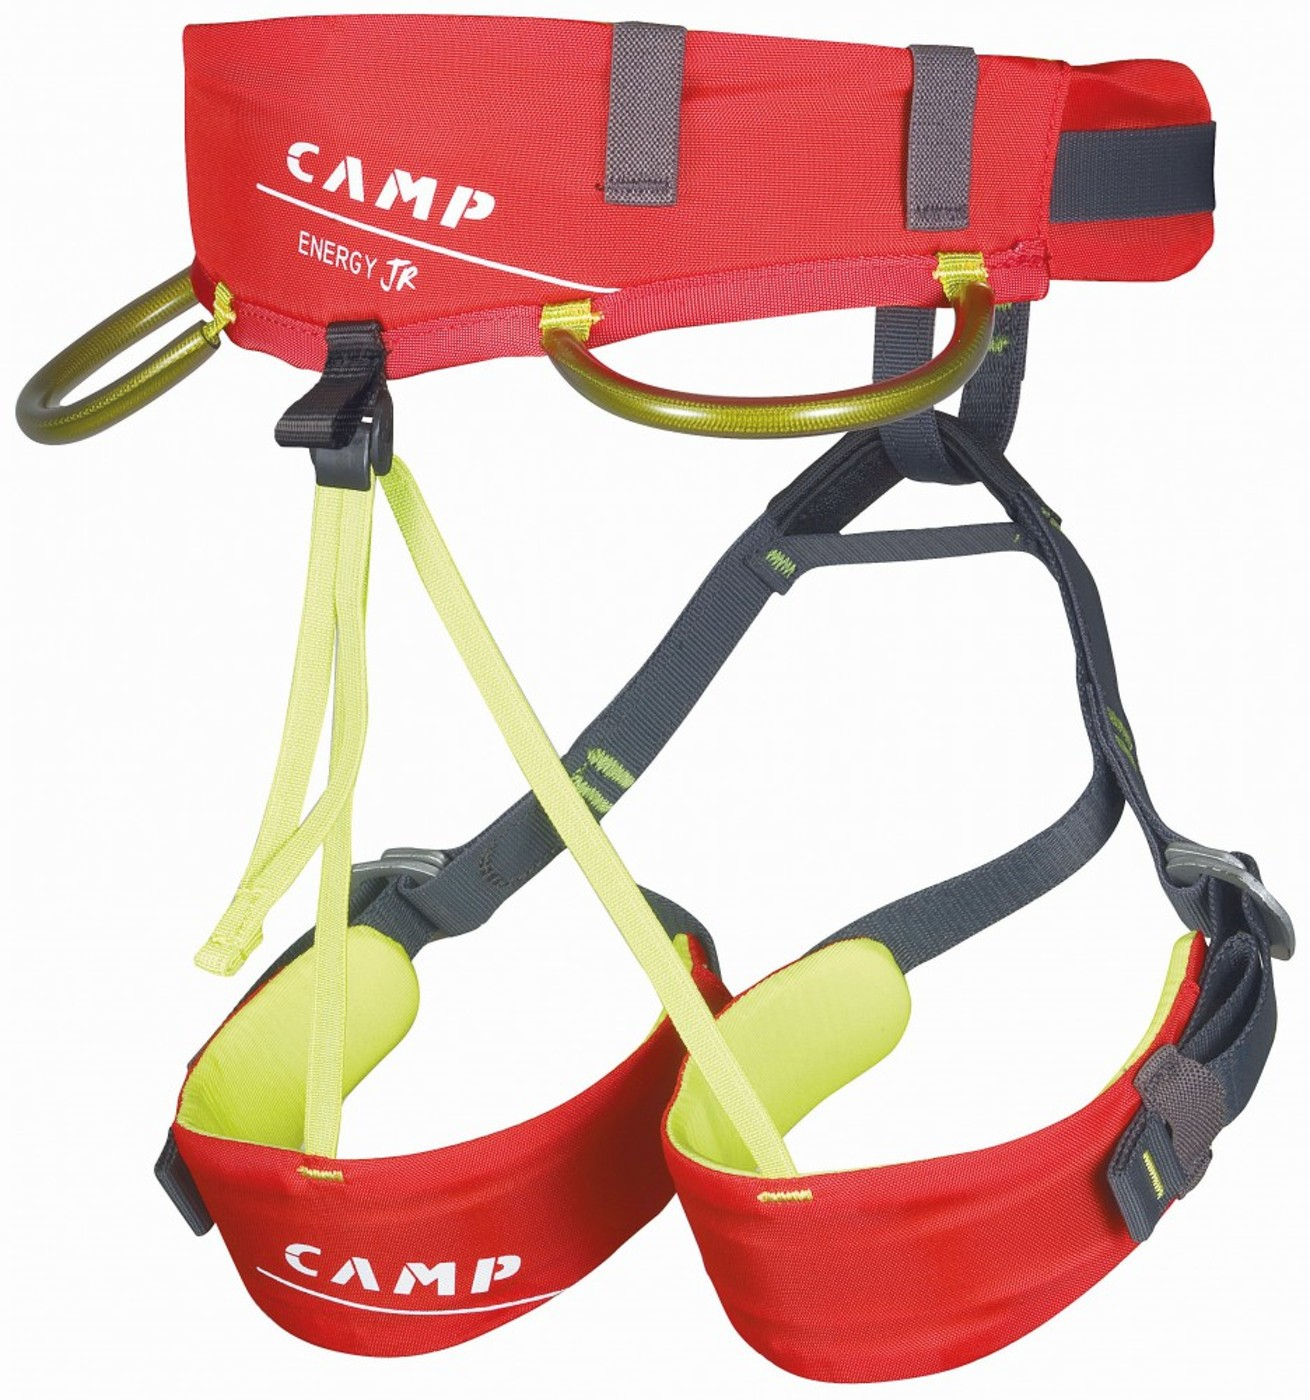 CAMP ENERGY - Kinder